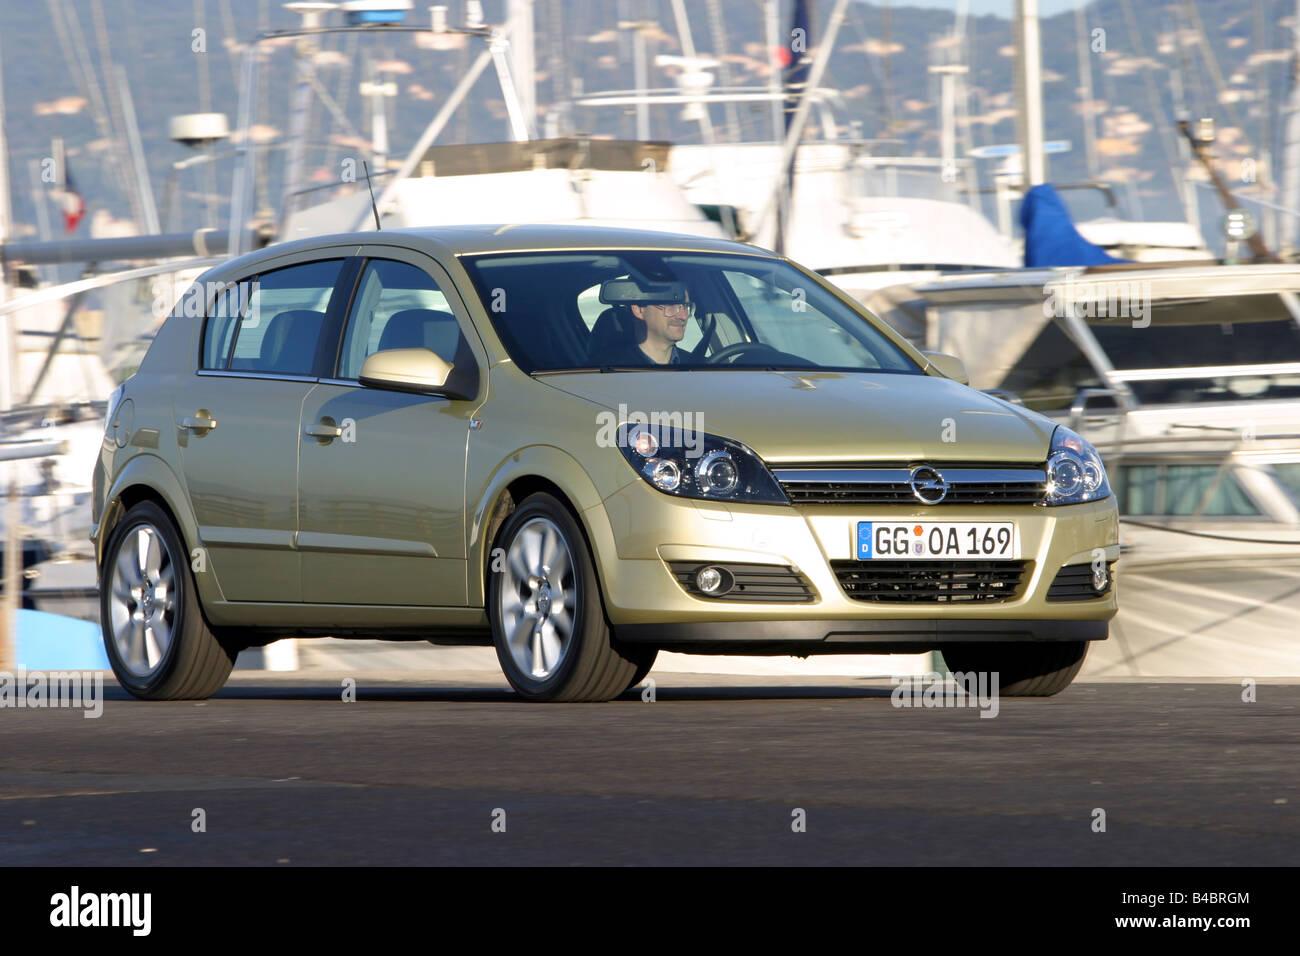 auto, opel astra 1.9 cdti cosmo, jahr 2003-, limousine, untere